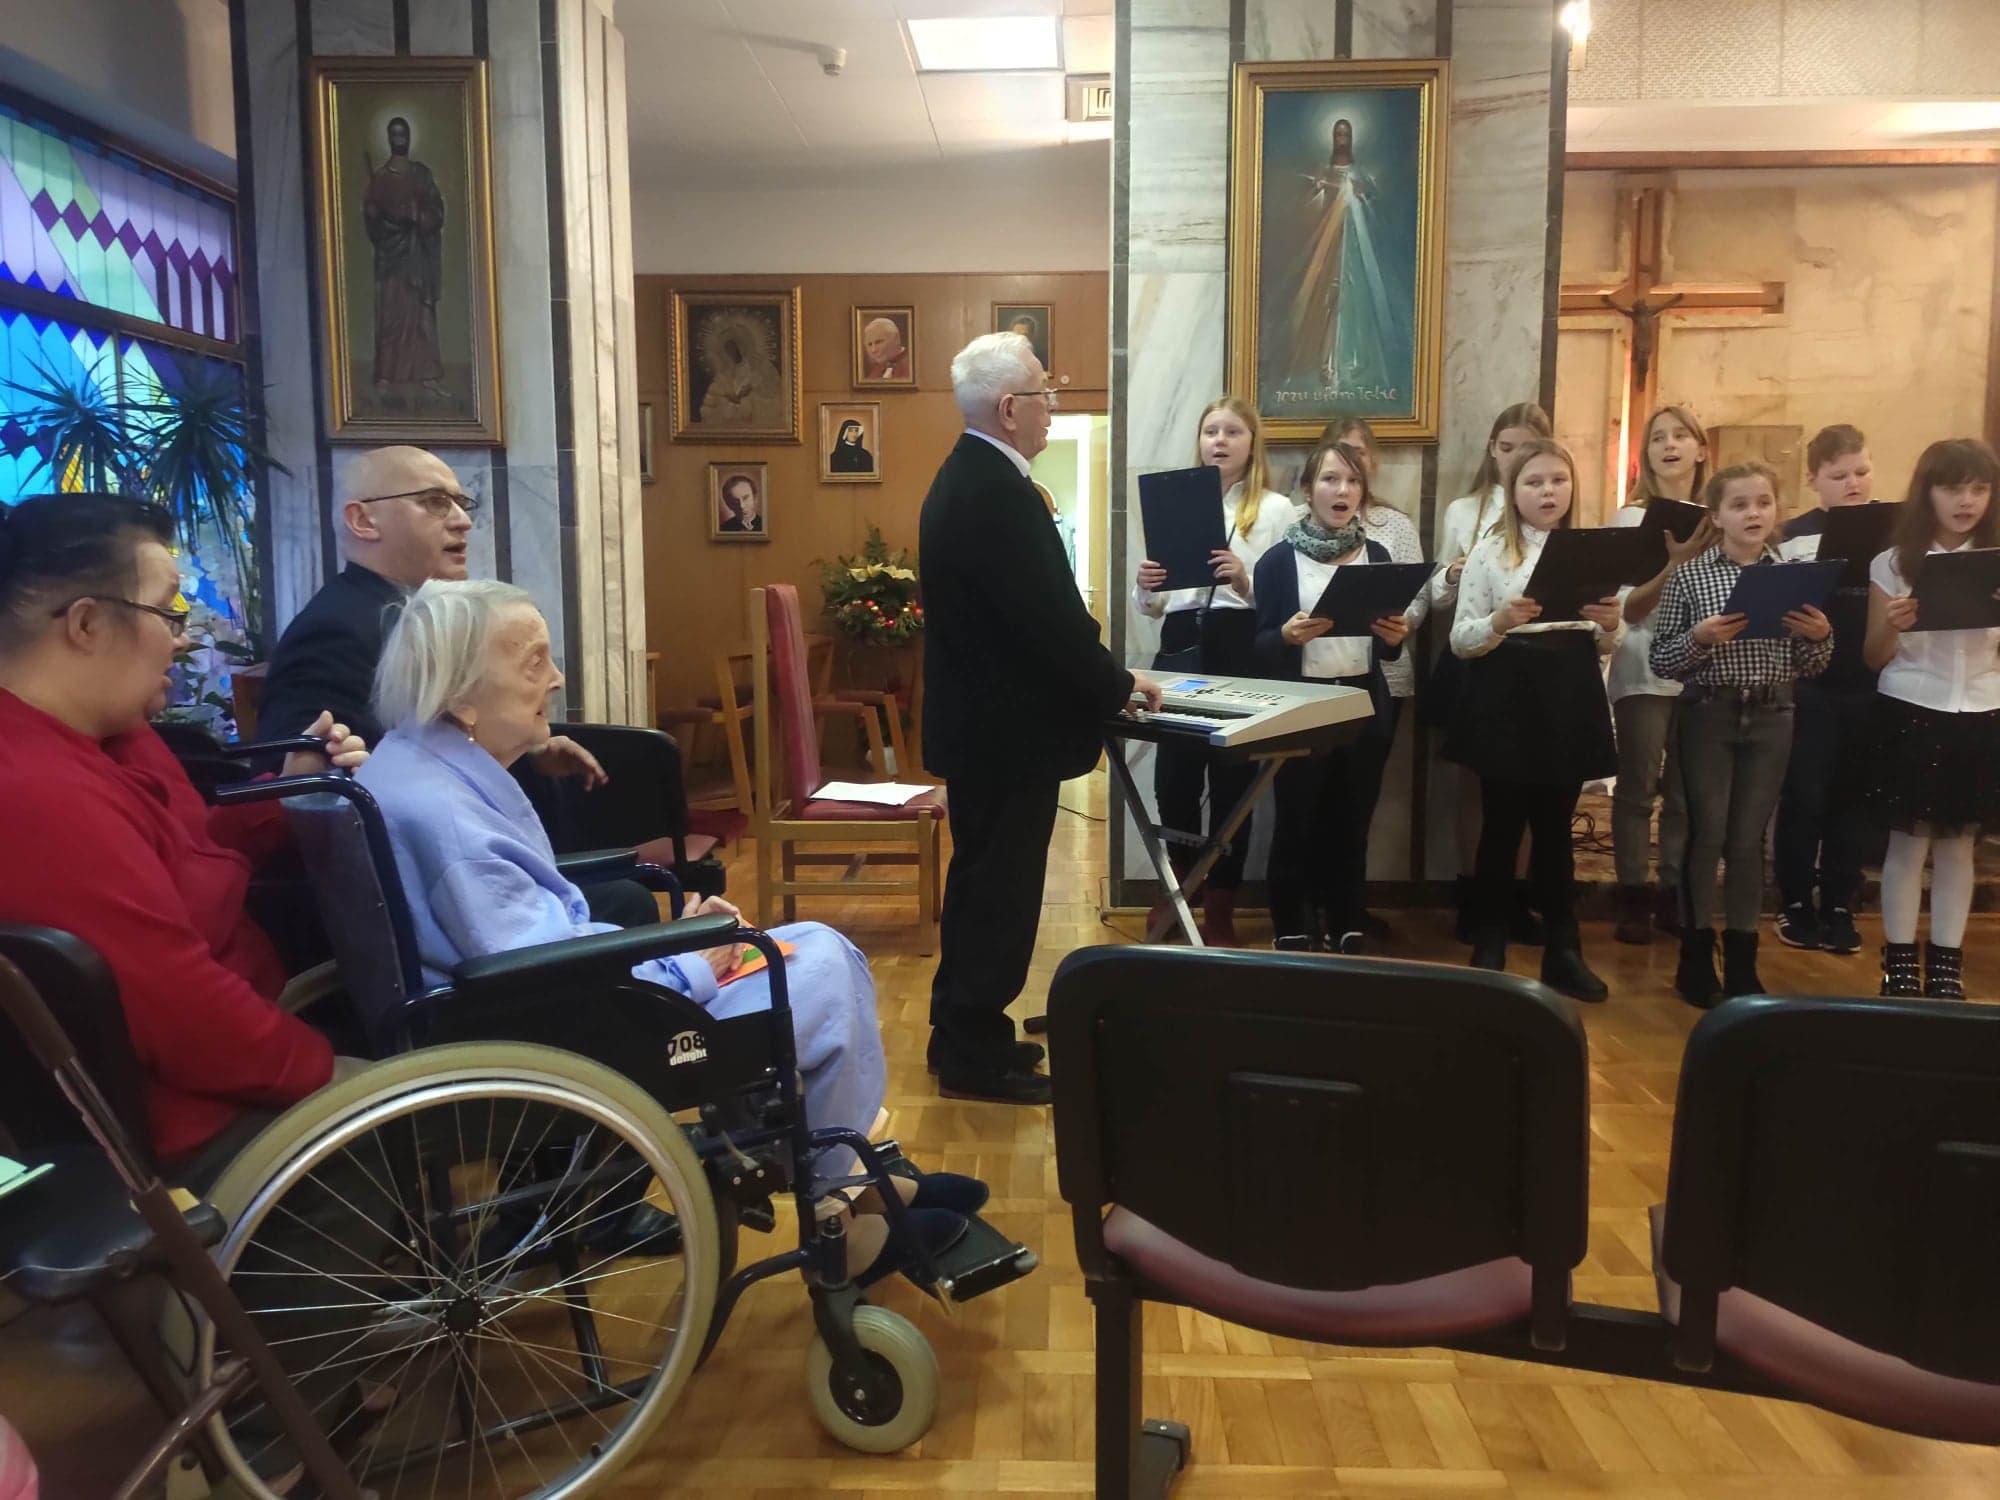 Obchodzimy 25-lecie poświęcenia naszej kaplicy szpitalnej